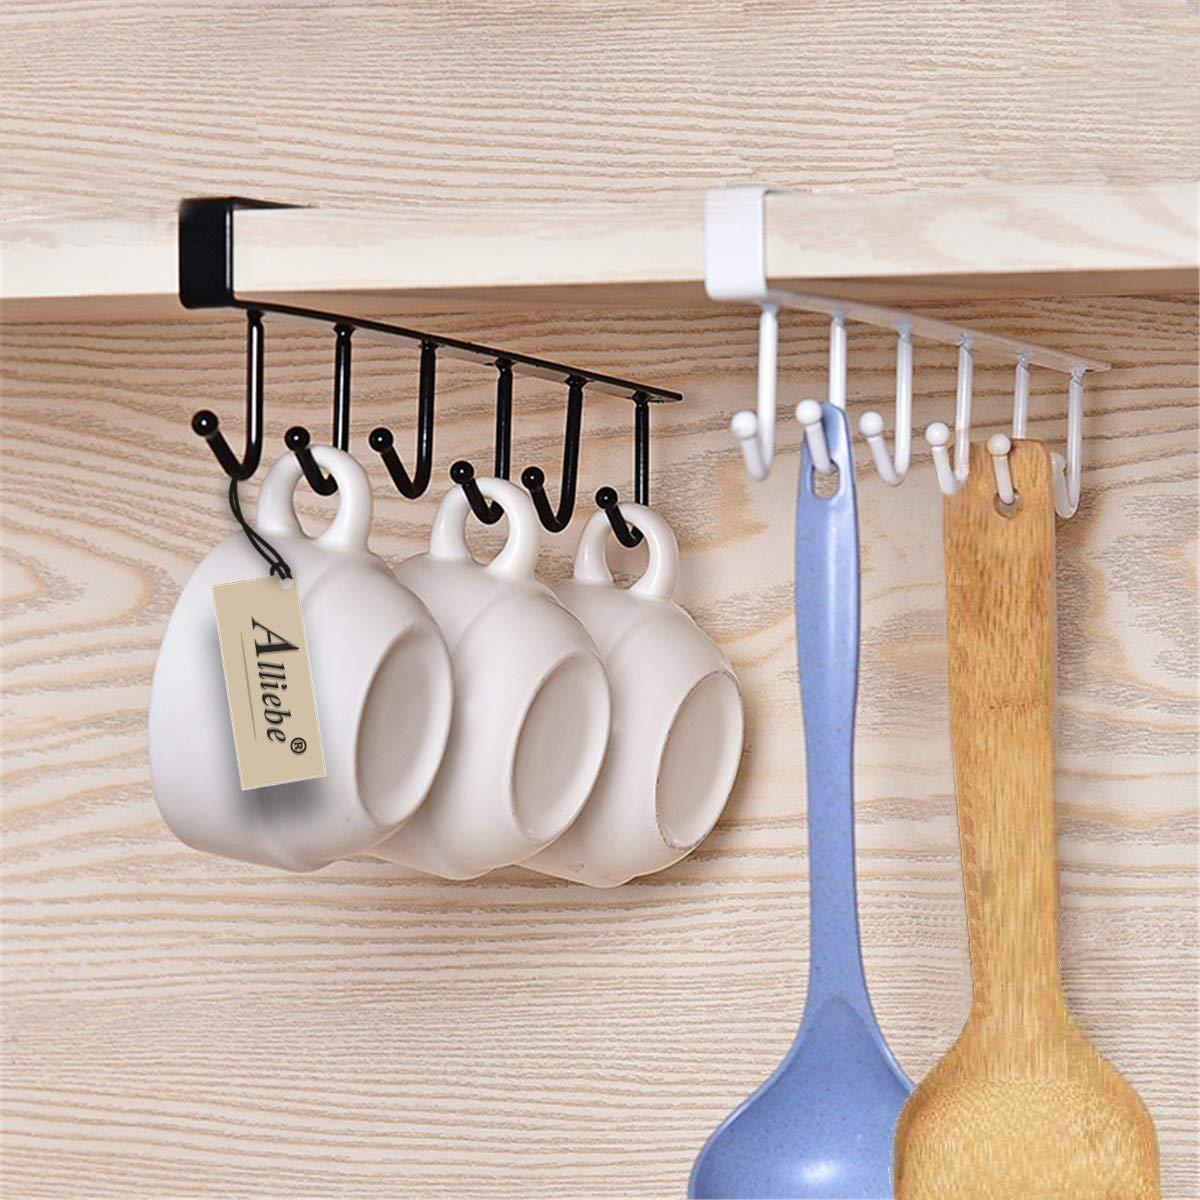 Des idées gain de place pour la cuisine - Joli Place